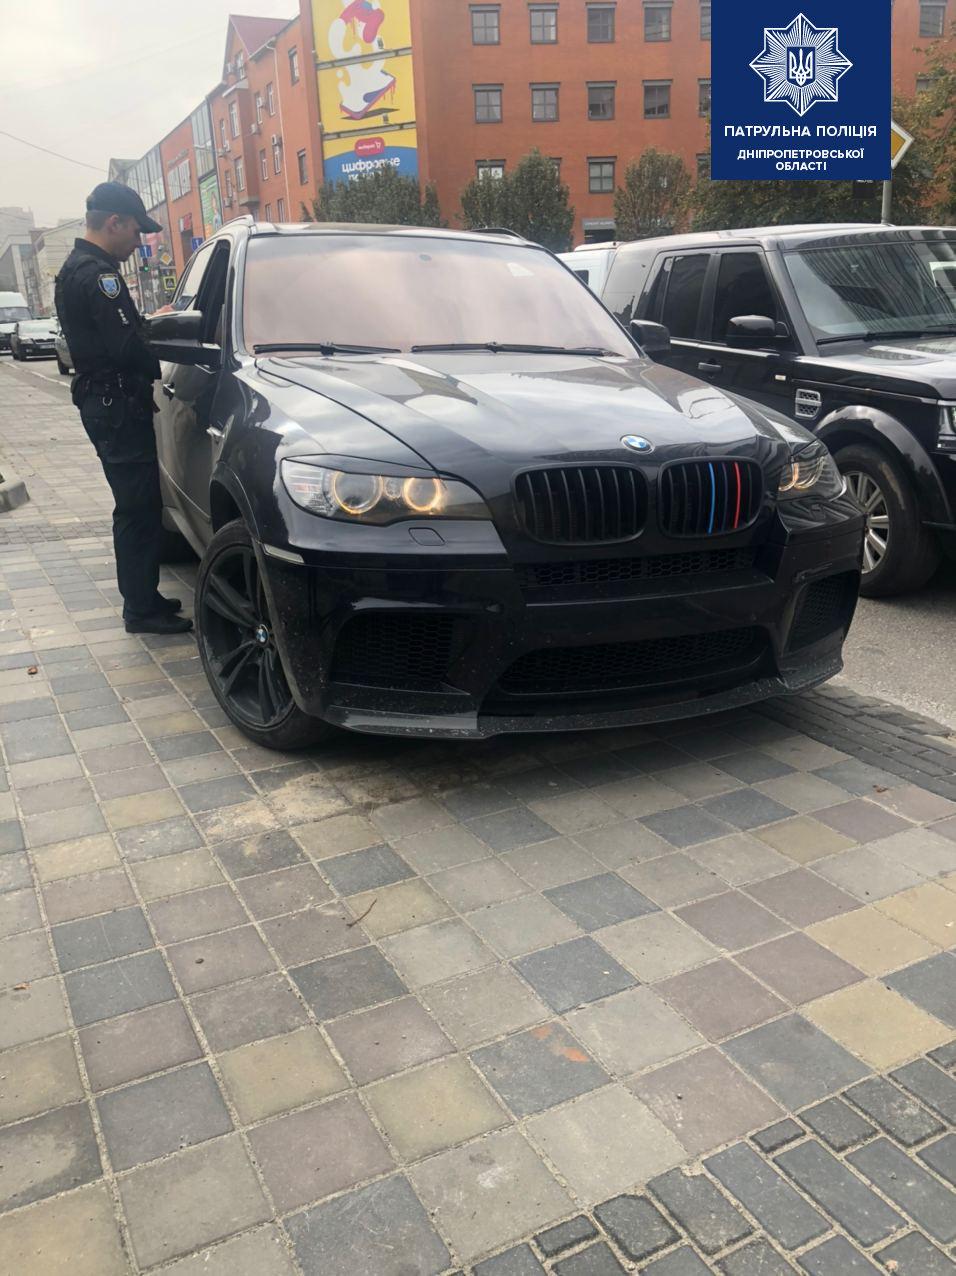 В Днепре штрафуют водителей за номера: с какими ездить нельзя , фото-7